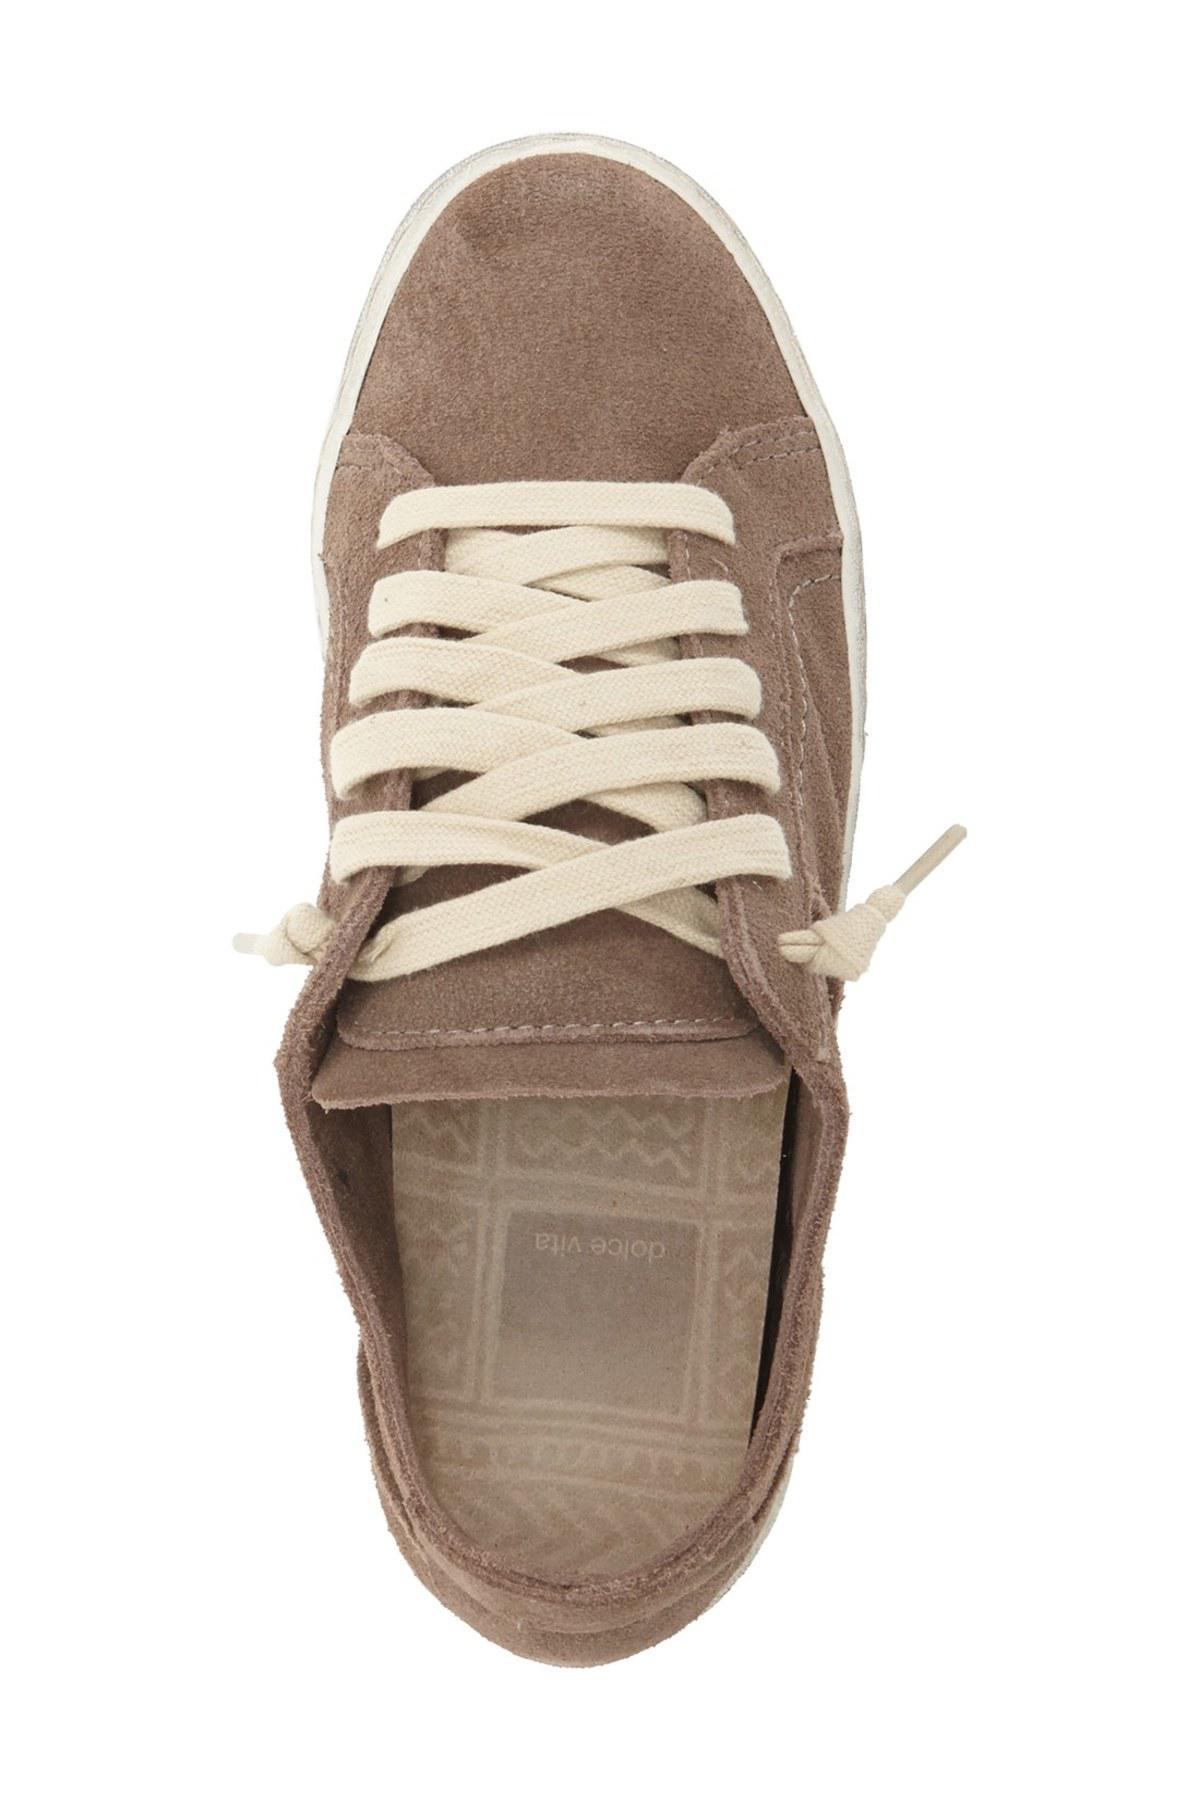 4b831091d942 Dolce Vita 'Zalen' Sneaker - Lyst